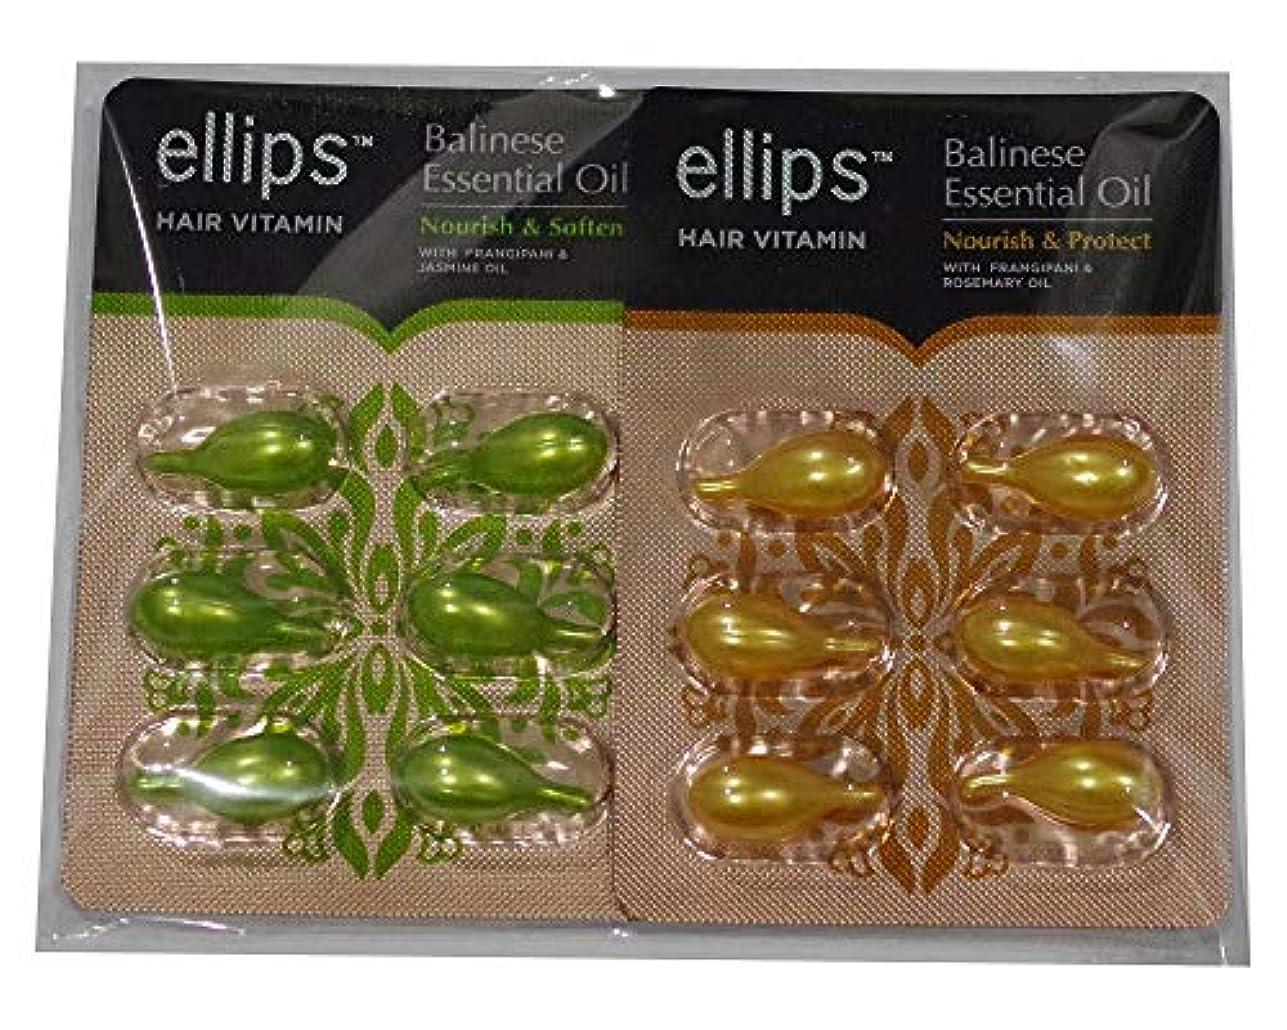 ミット反乱化学薬品ellips エリプス ヘア ビタミン Balinese Essential Oil バリニーズ エッセンシャルオイル (フランジパニ & ローズマリー + フランジパニ & ジャスミン) 各6粒入シート(合計2枚) [並行輸入品]